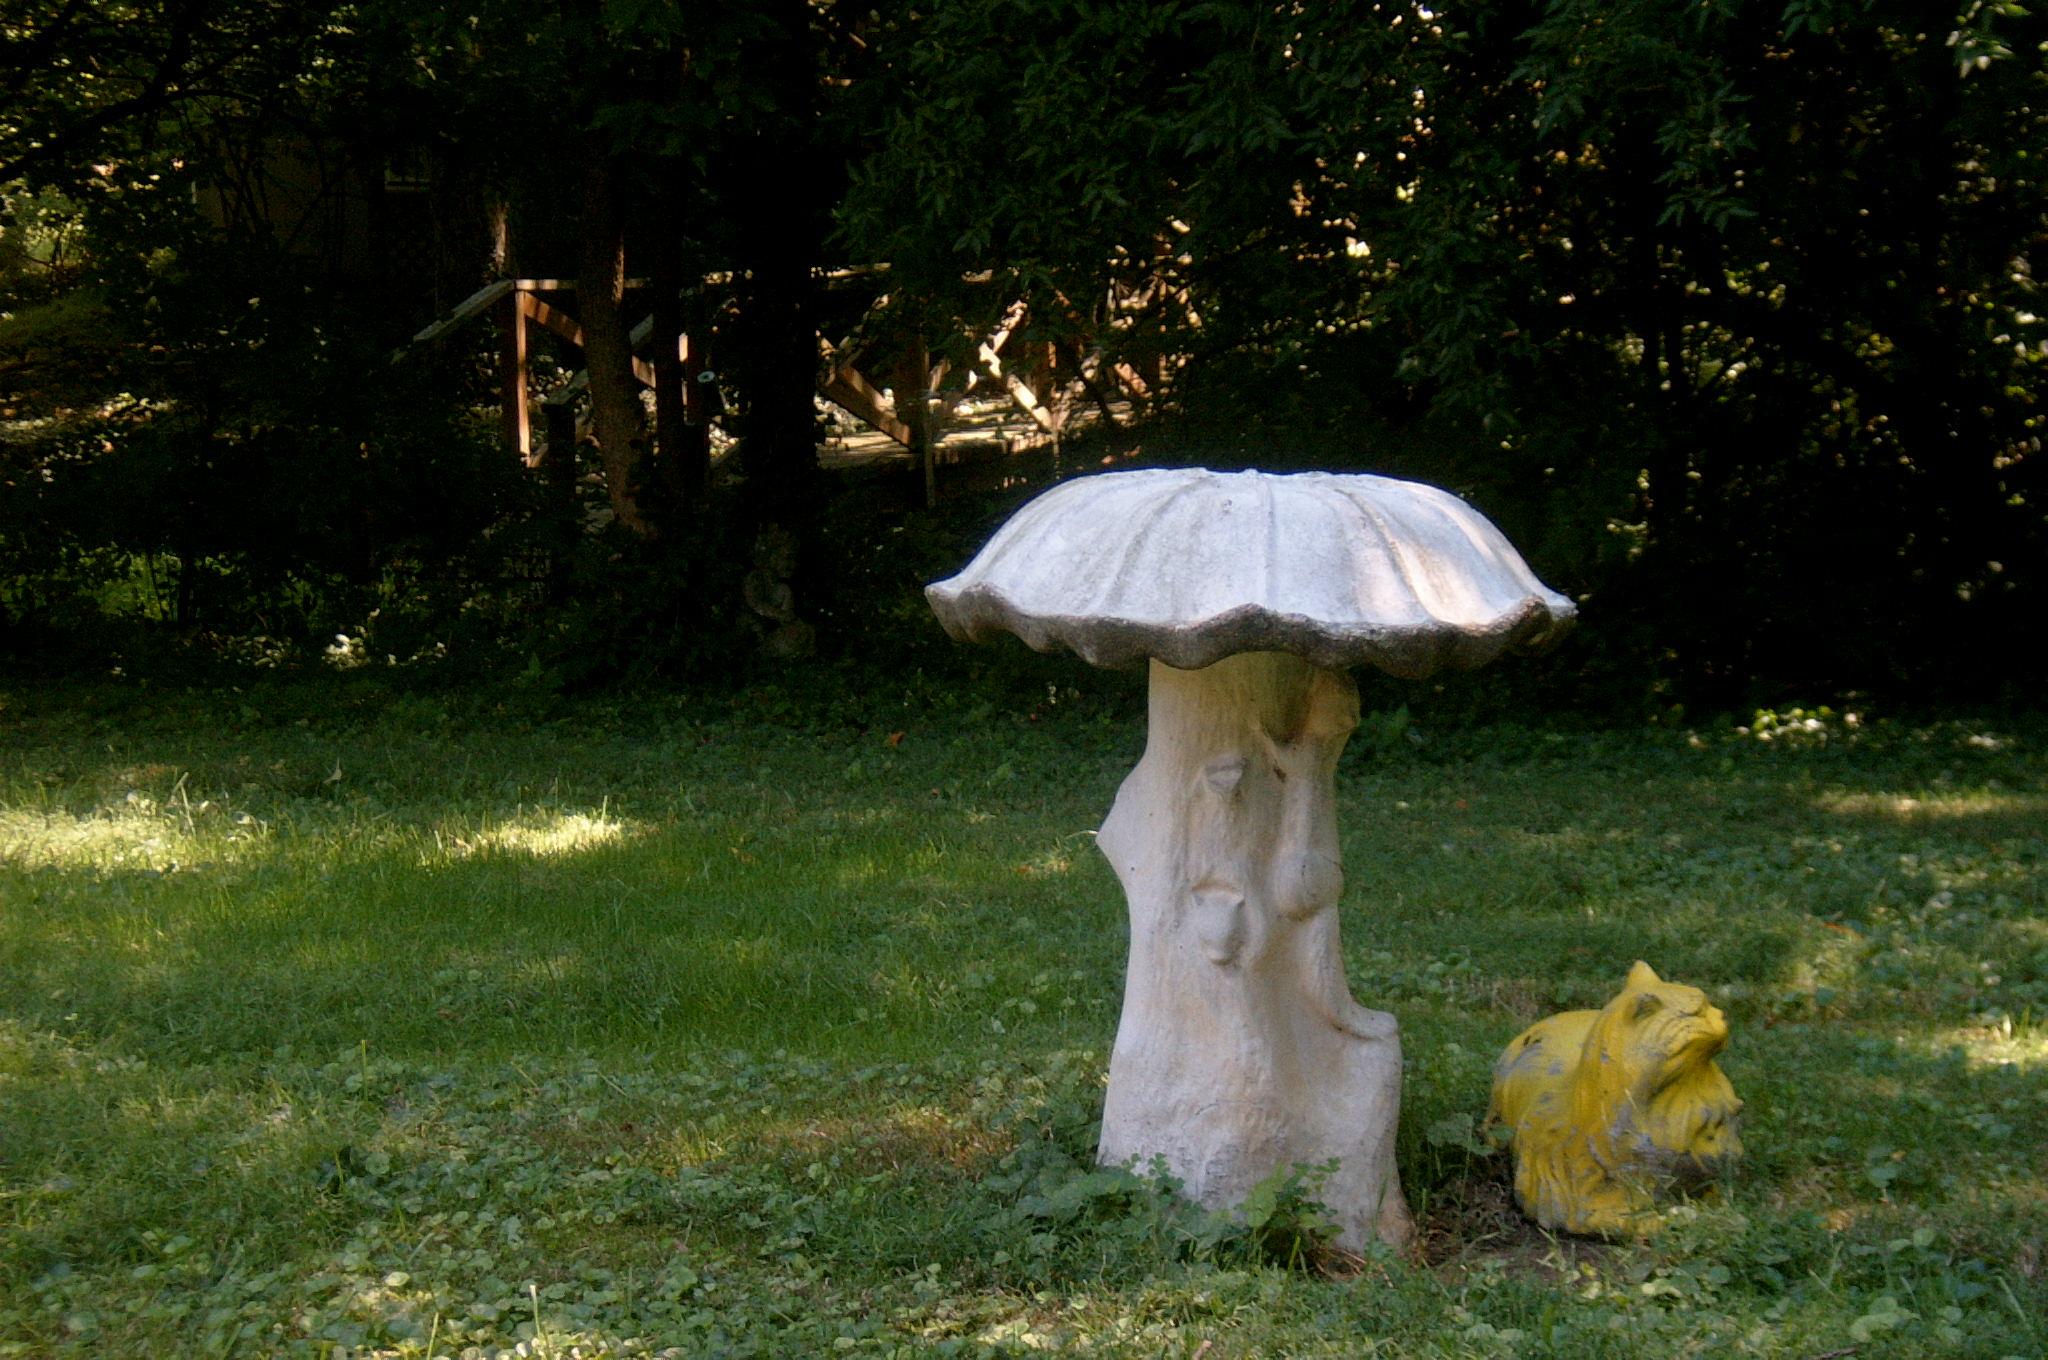 Huge Mushroom!